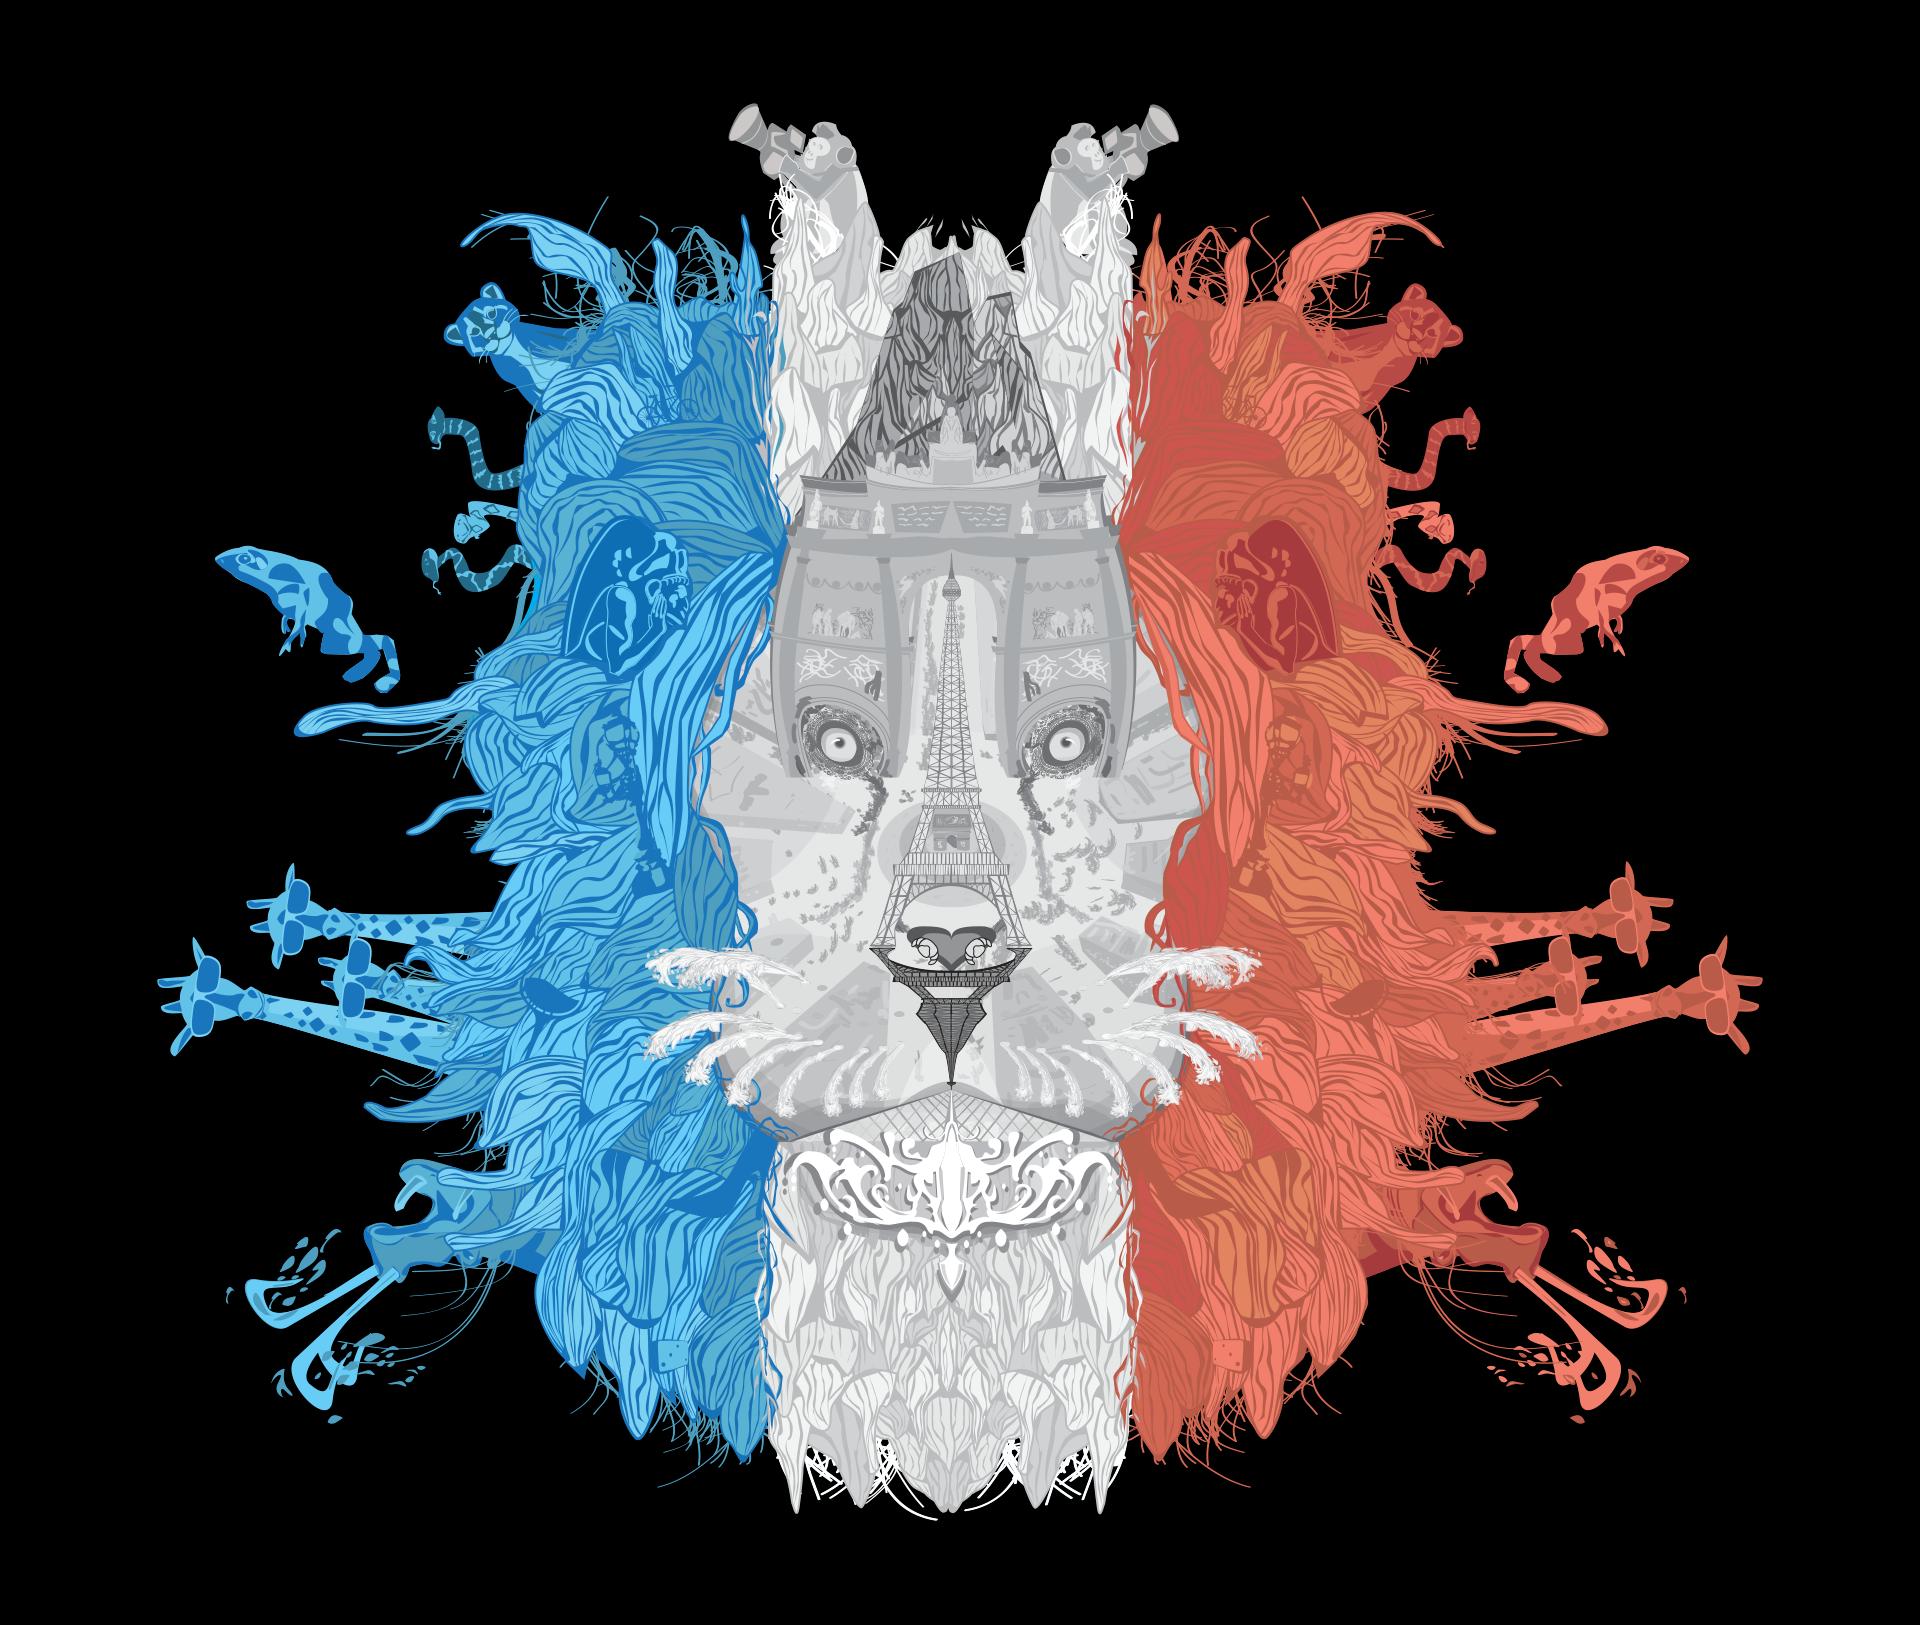 lion-head-paris-landmark-illustration